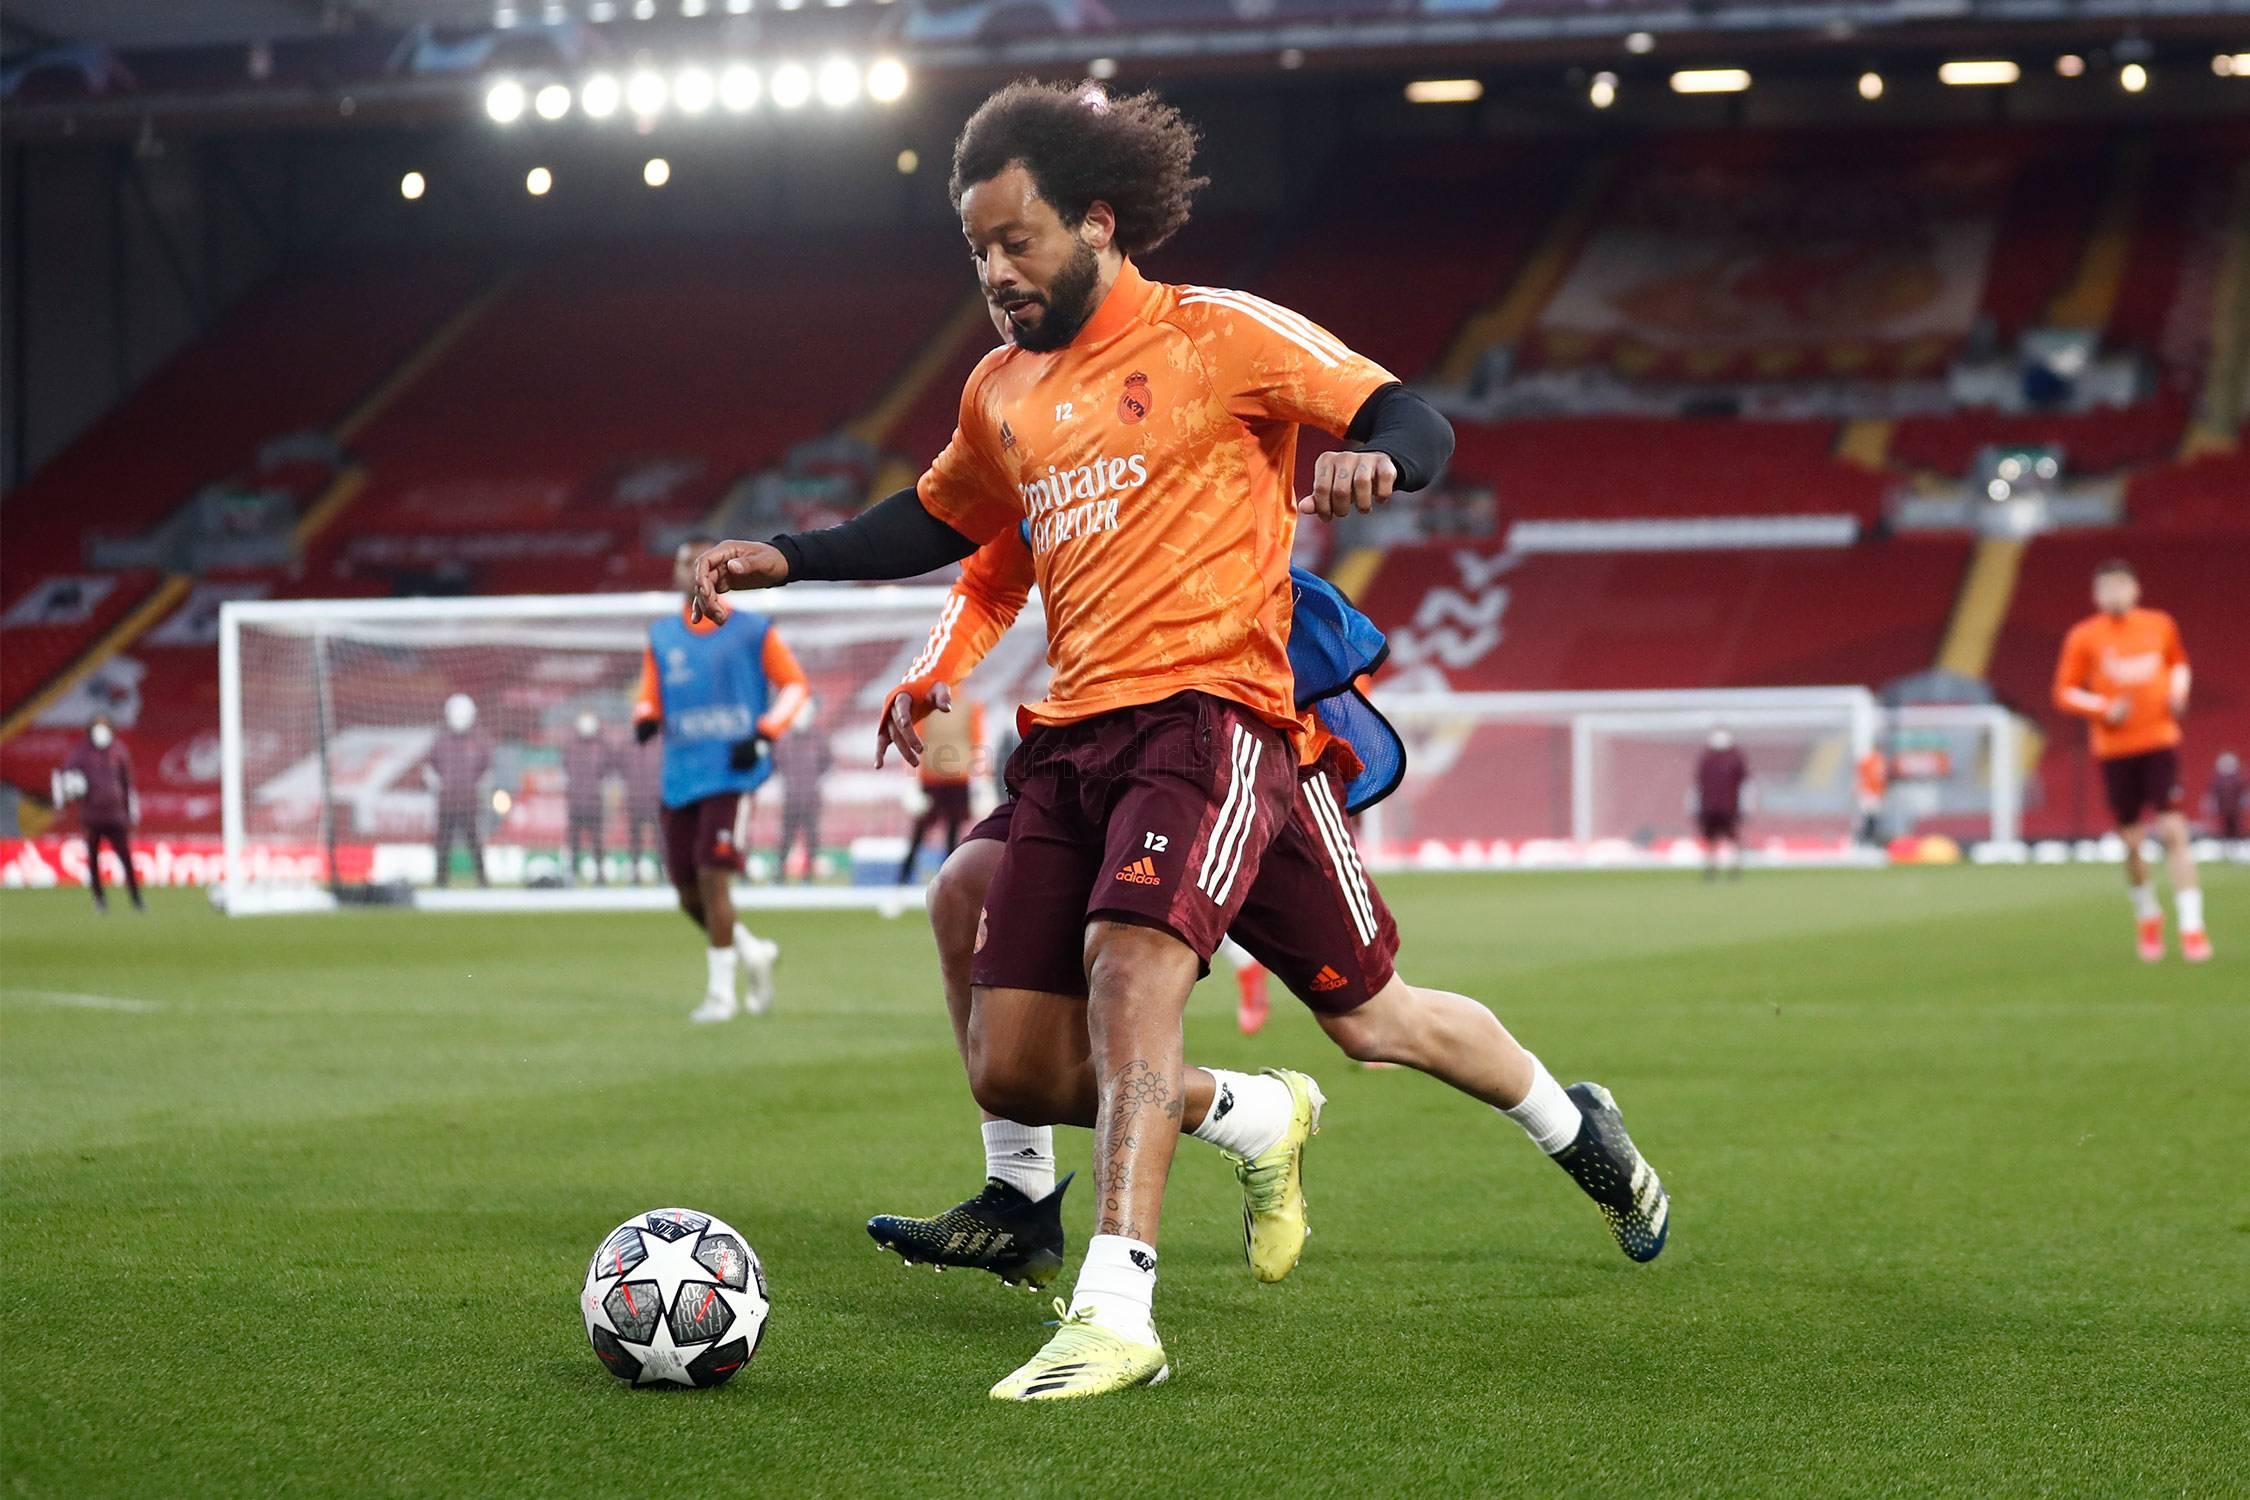 Entrenamiento del Real Madrid en Anfield - 15-05-2021